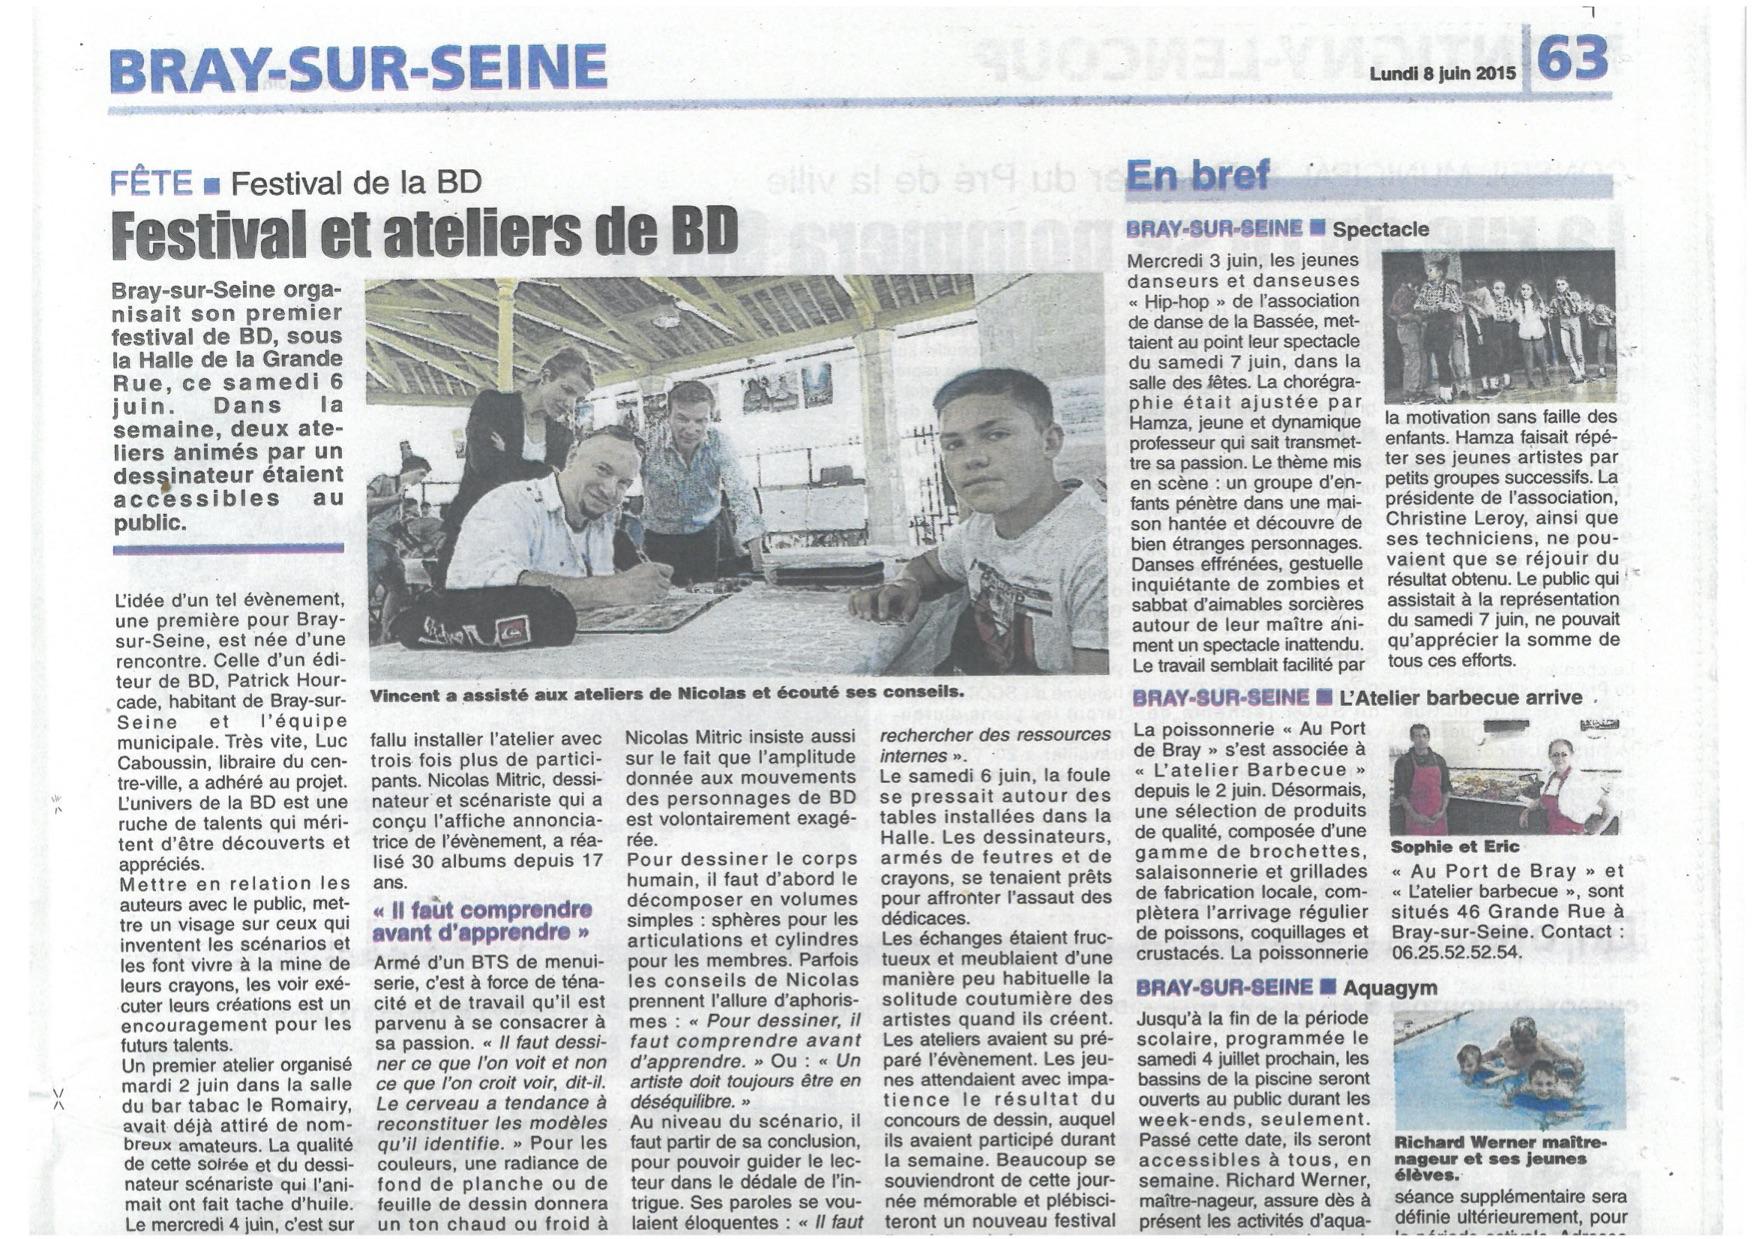 Revue de presse du 8 juin ville de bray sur seine for Bray sur seine piscine